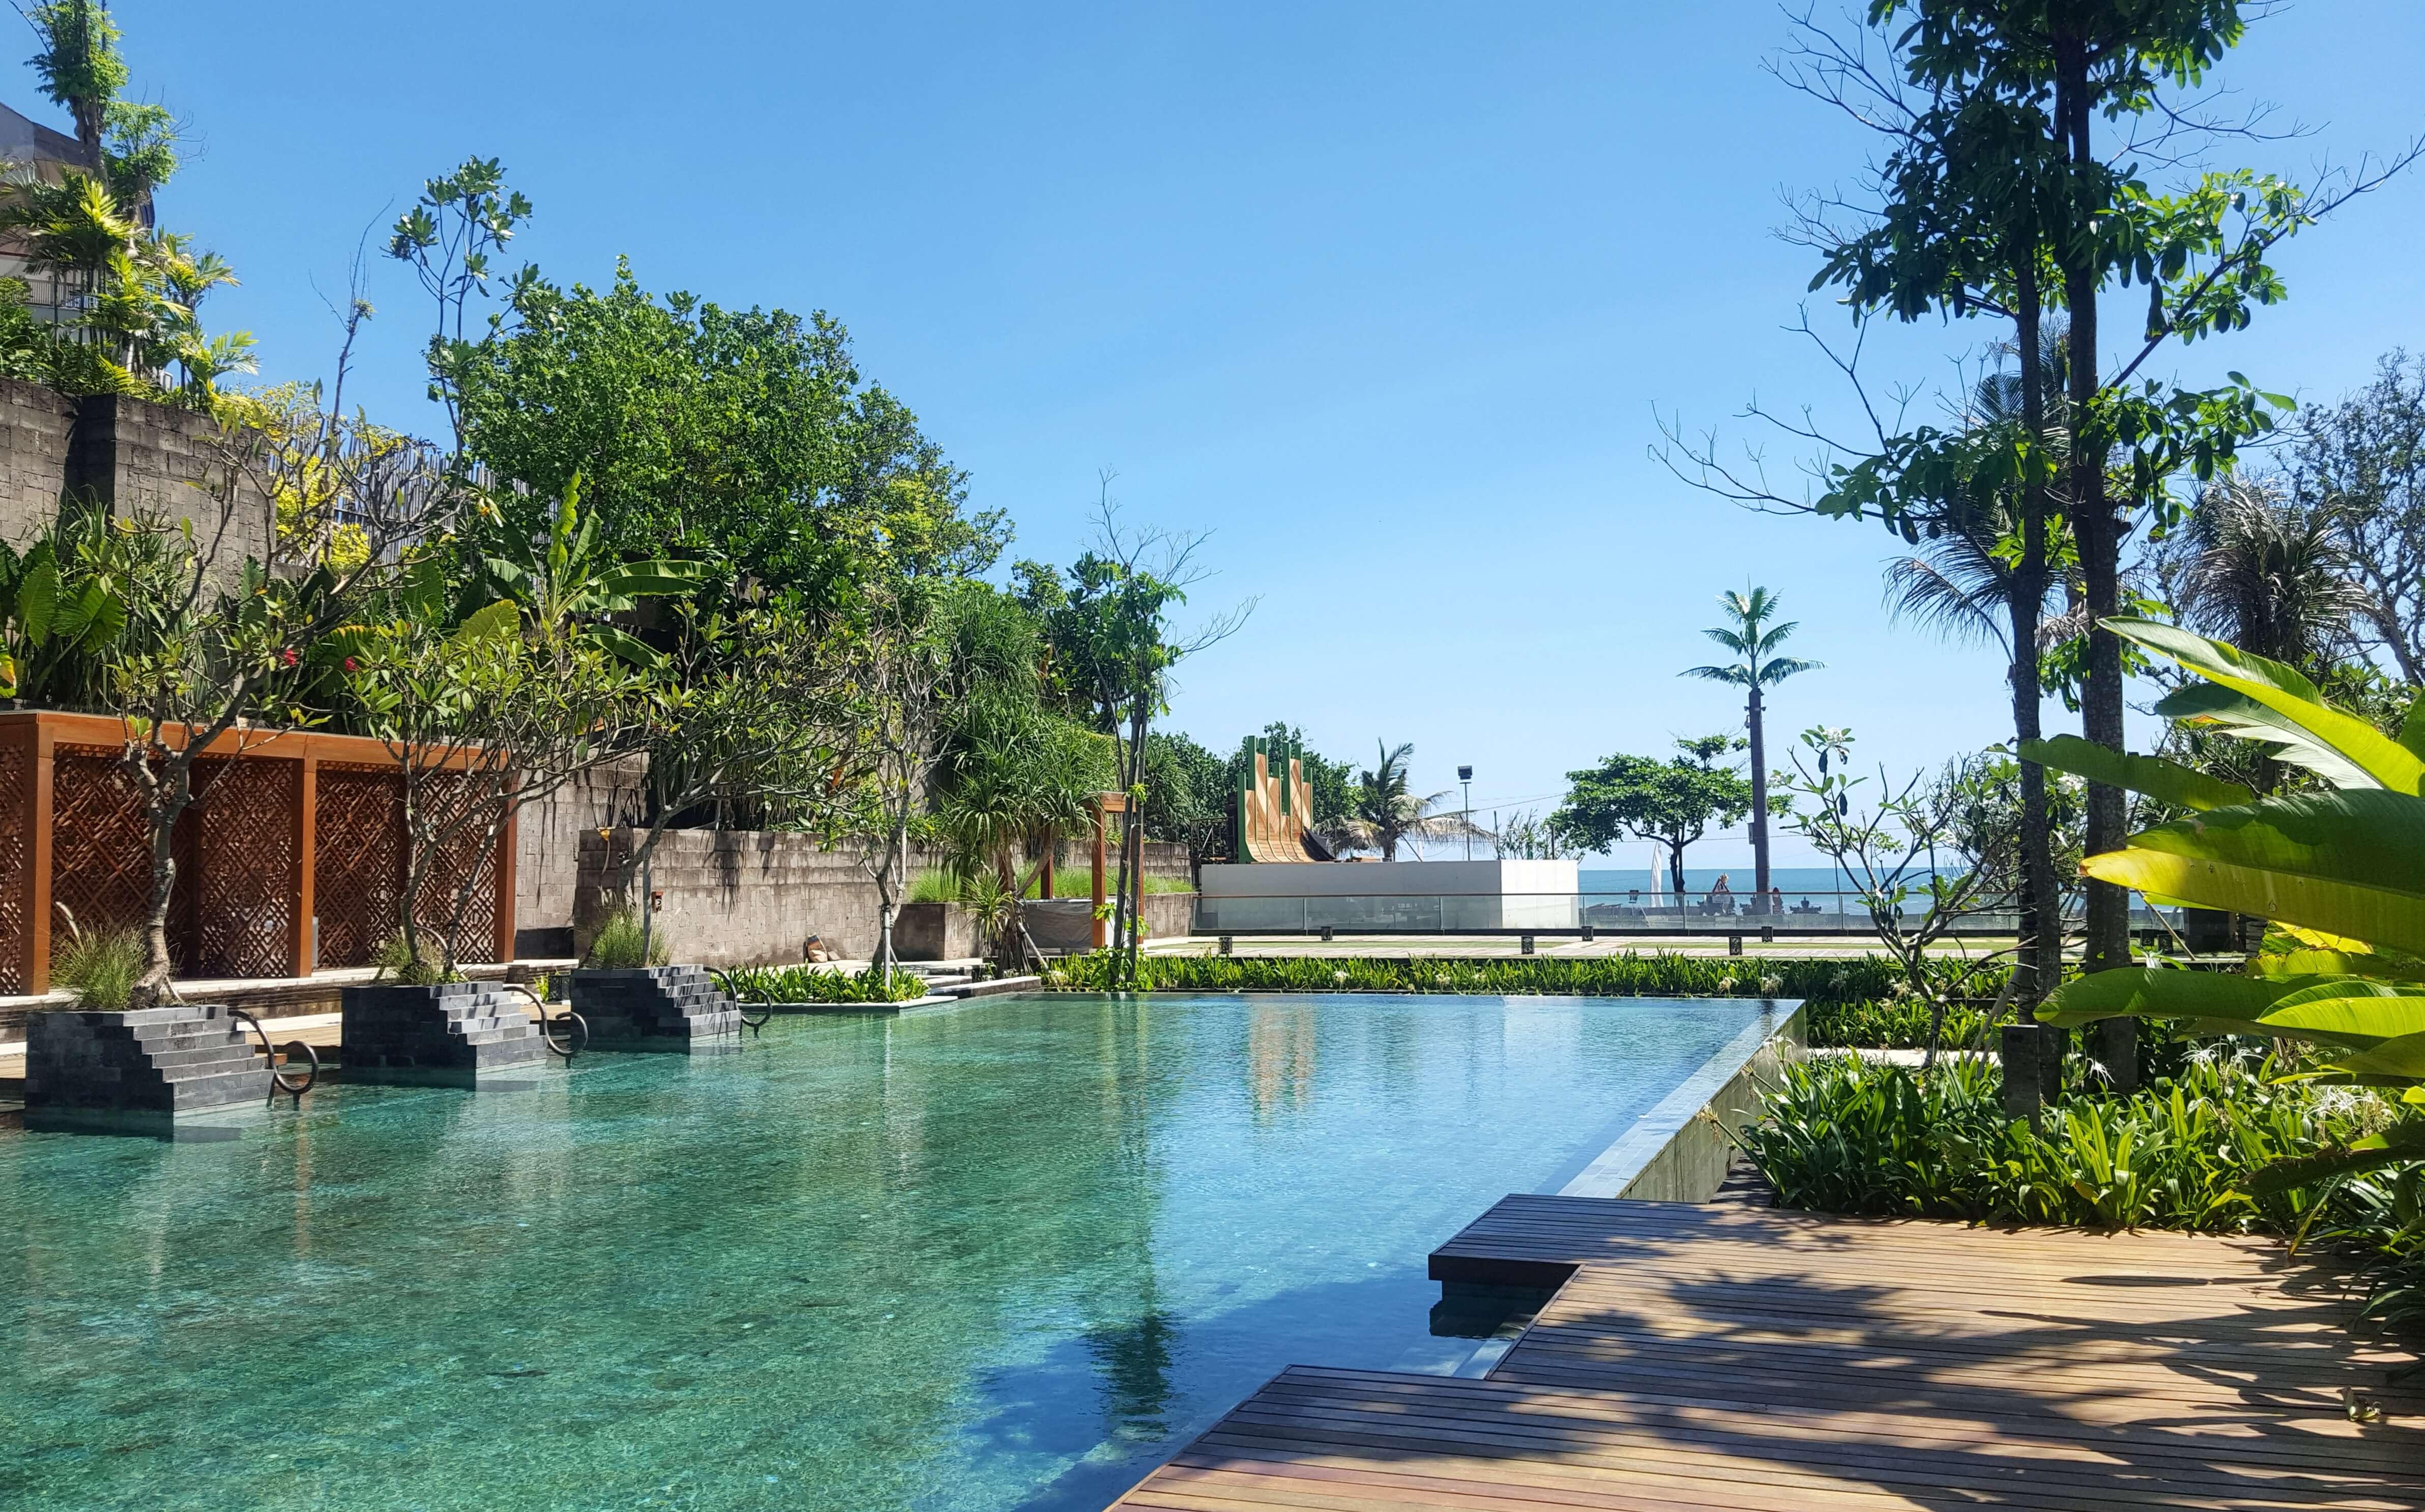 Hotel Indigo Bali Seminyak Beach The Bible Voucher Ayodya Resort Deluxe Bed An Breakfast 19 174